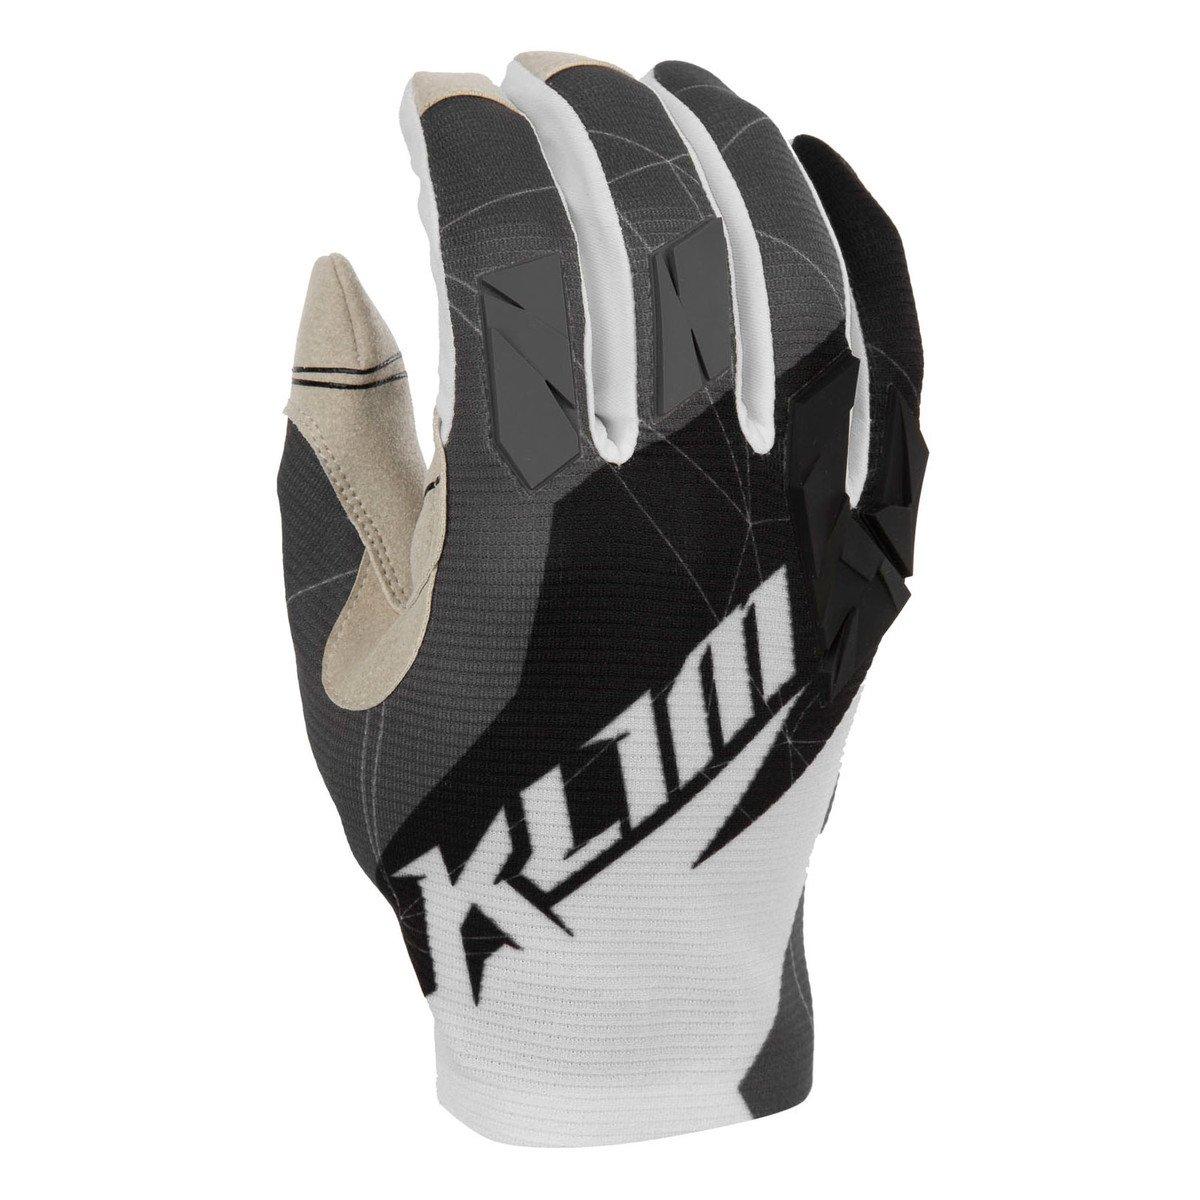 Klim XC グローブ XX-Large ブラック 5002-001-160-000 B01LWROLII  ブラック XX-Large